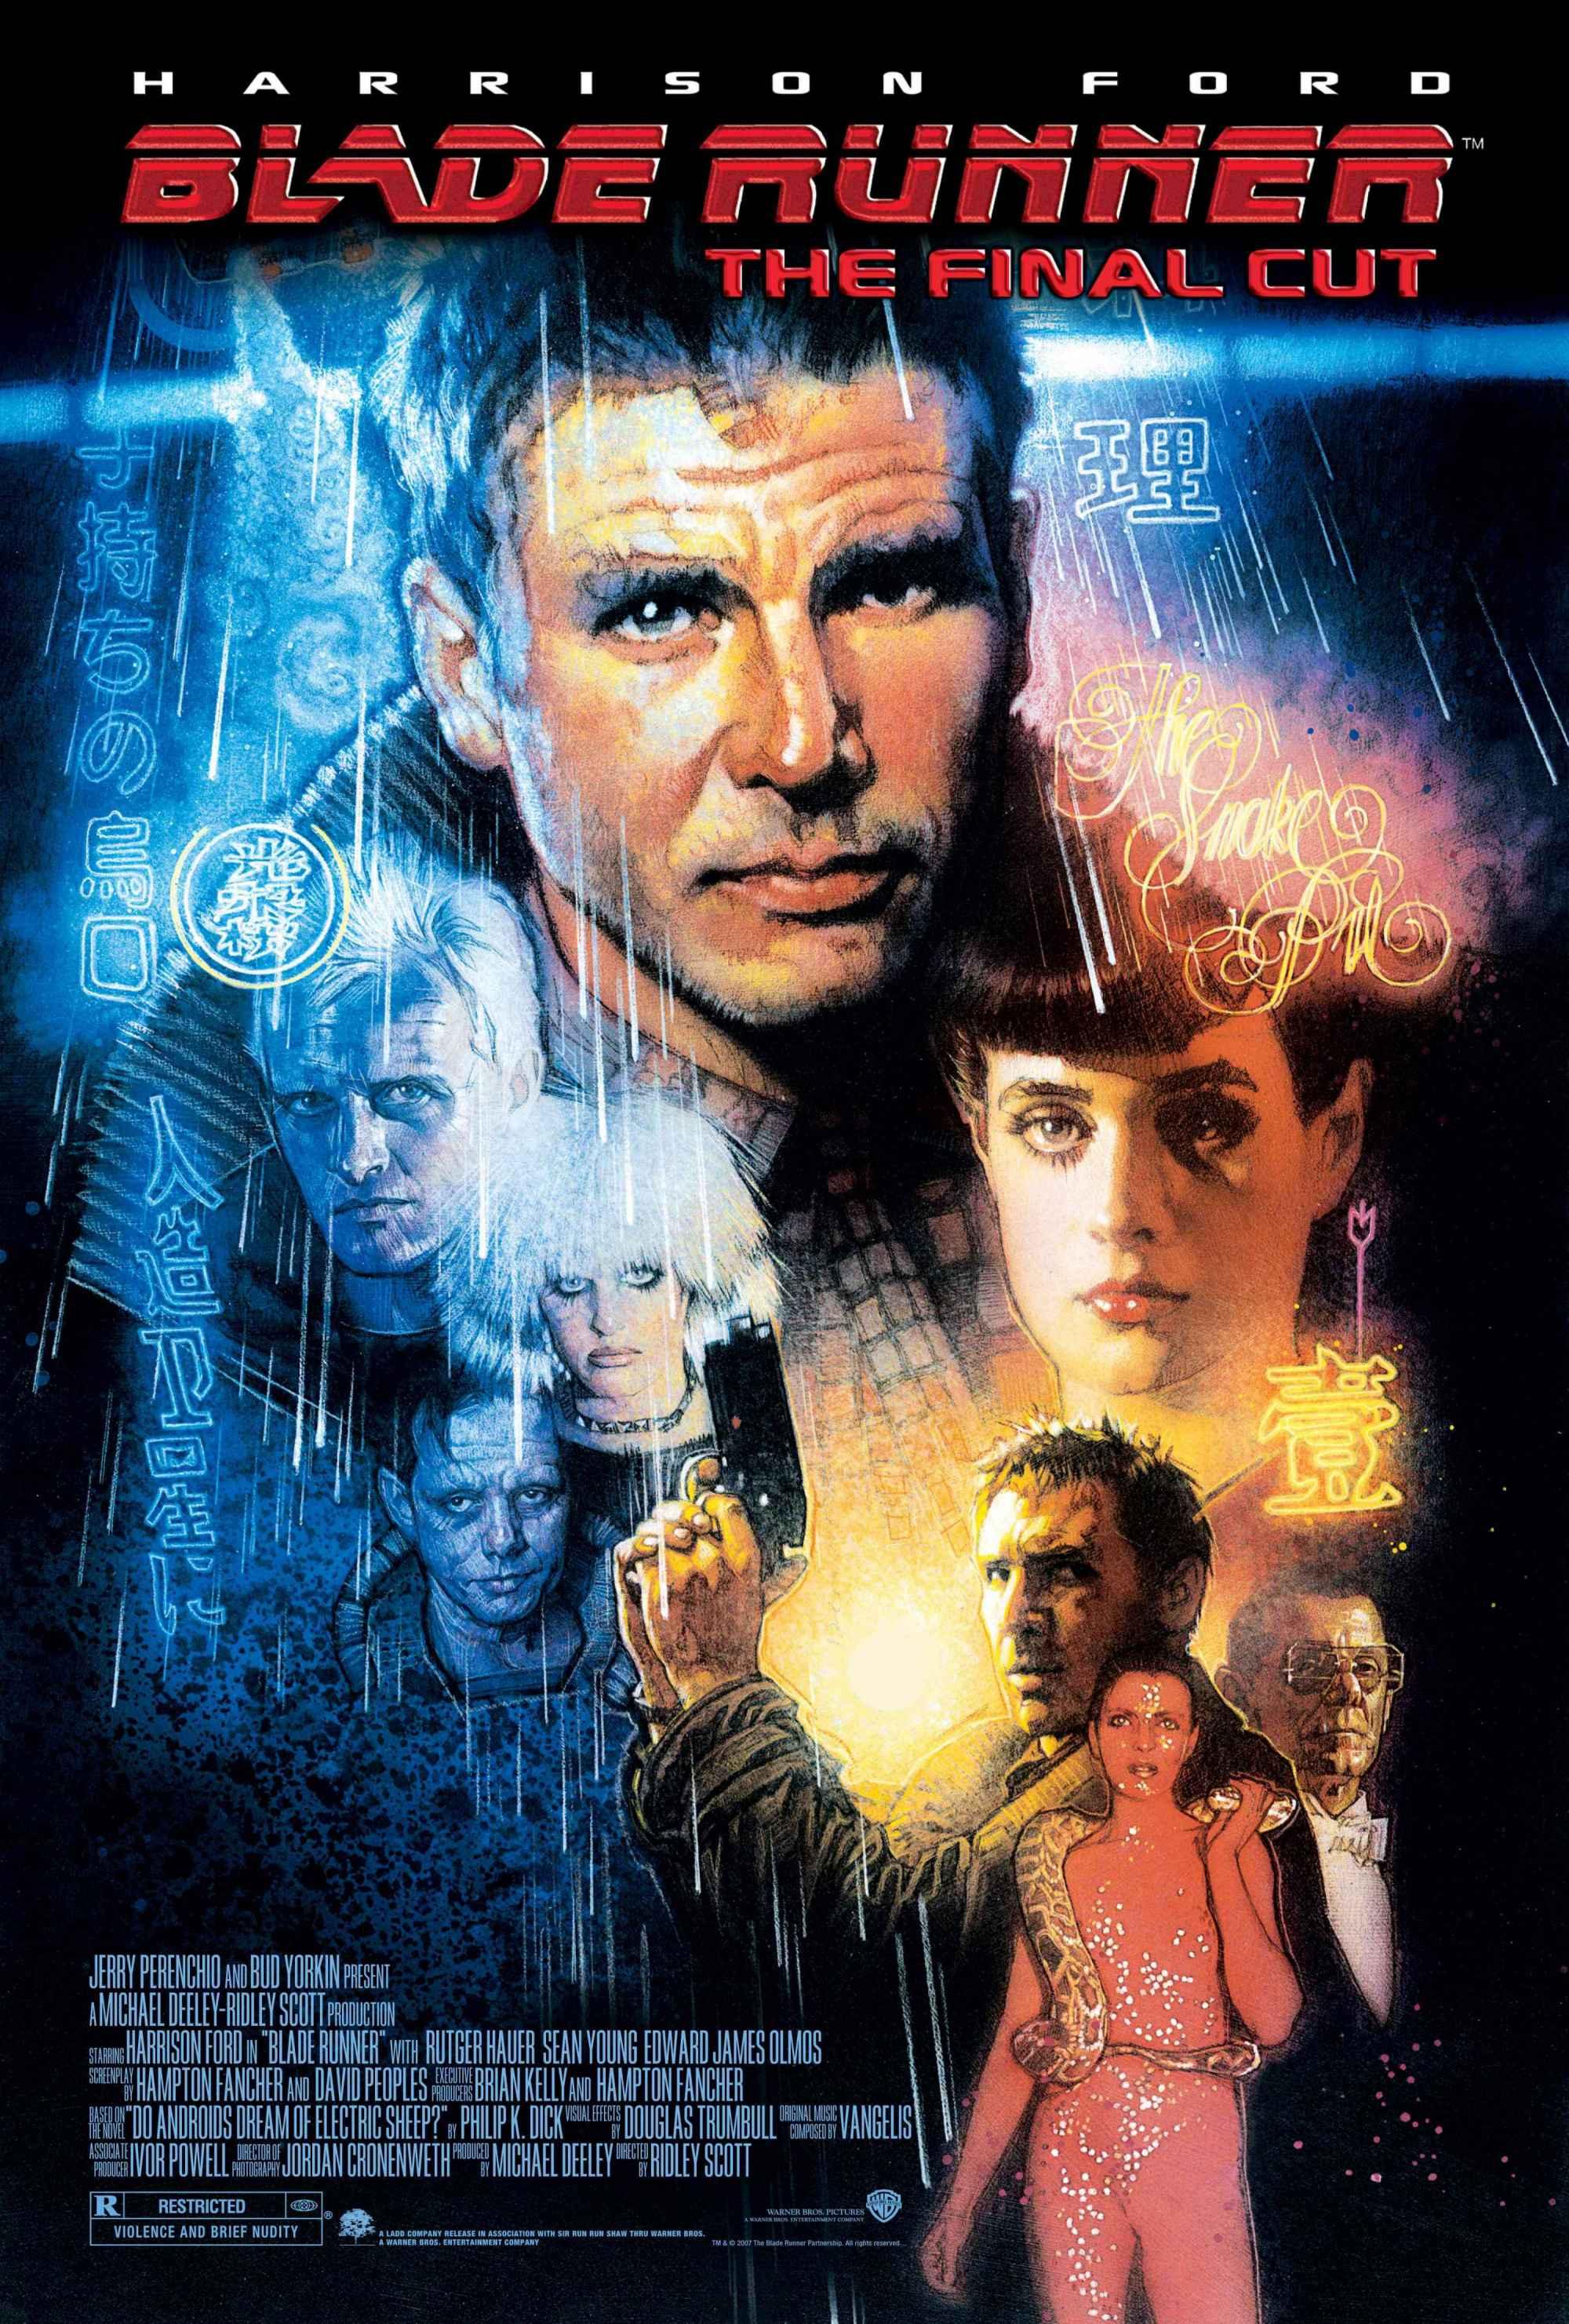 Blade Runner poster The Final Cut